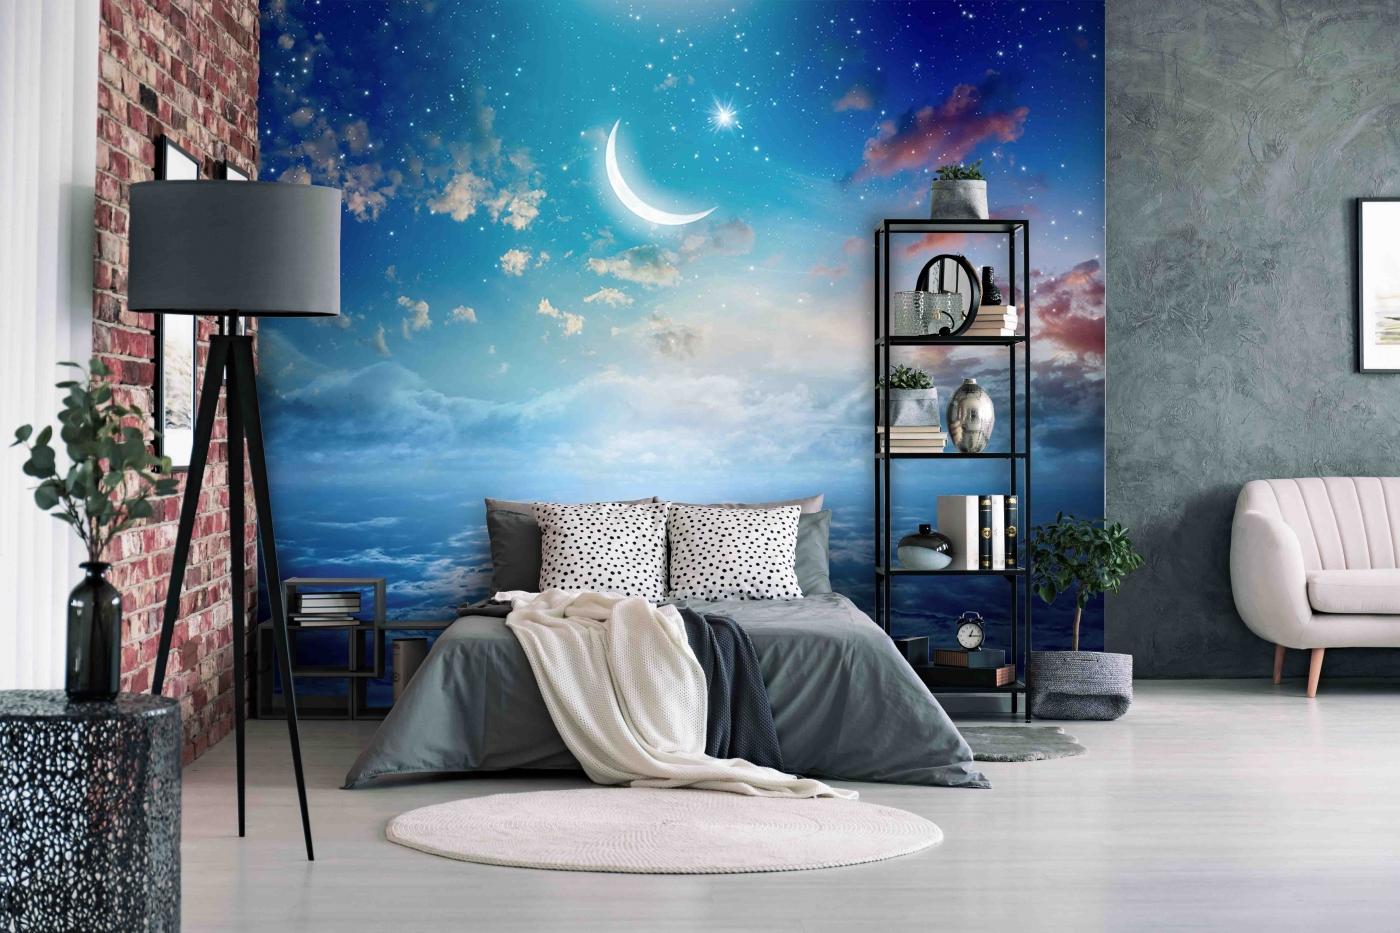 Tapeta Noční obloha, 144 x 105 cm